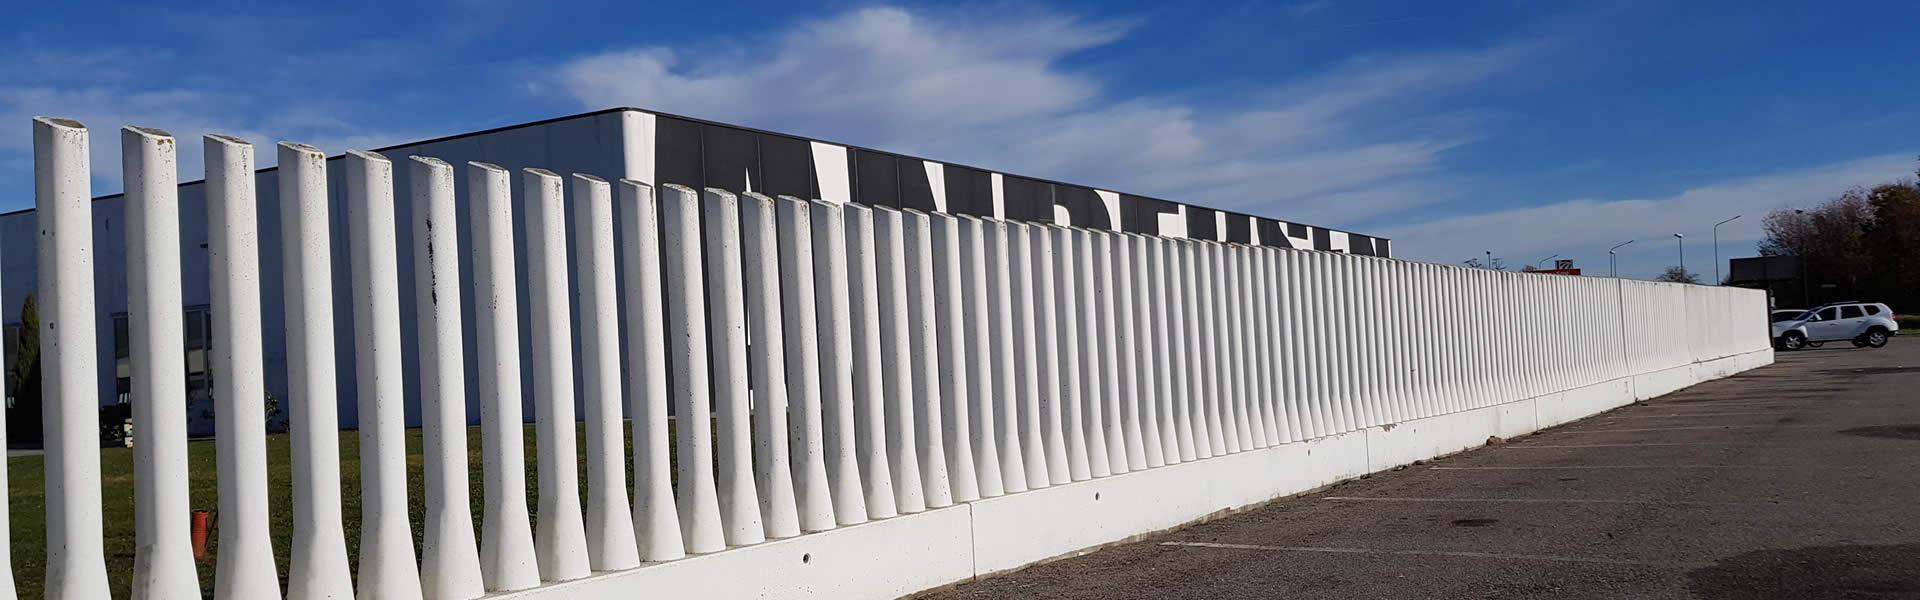 recinzioni in cemento, a pettine, piene e zoccolo